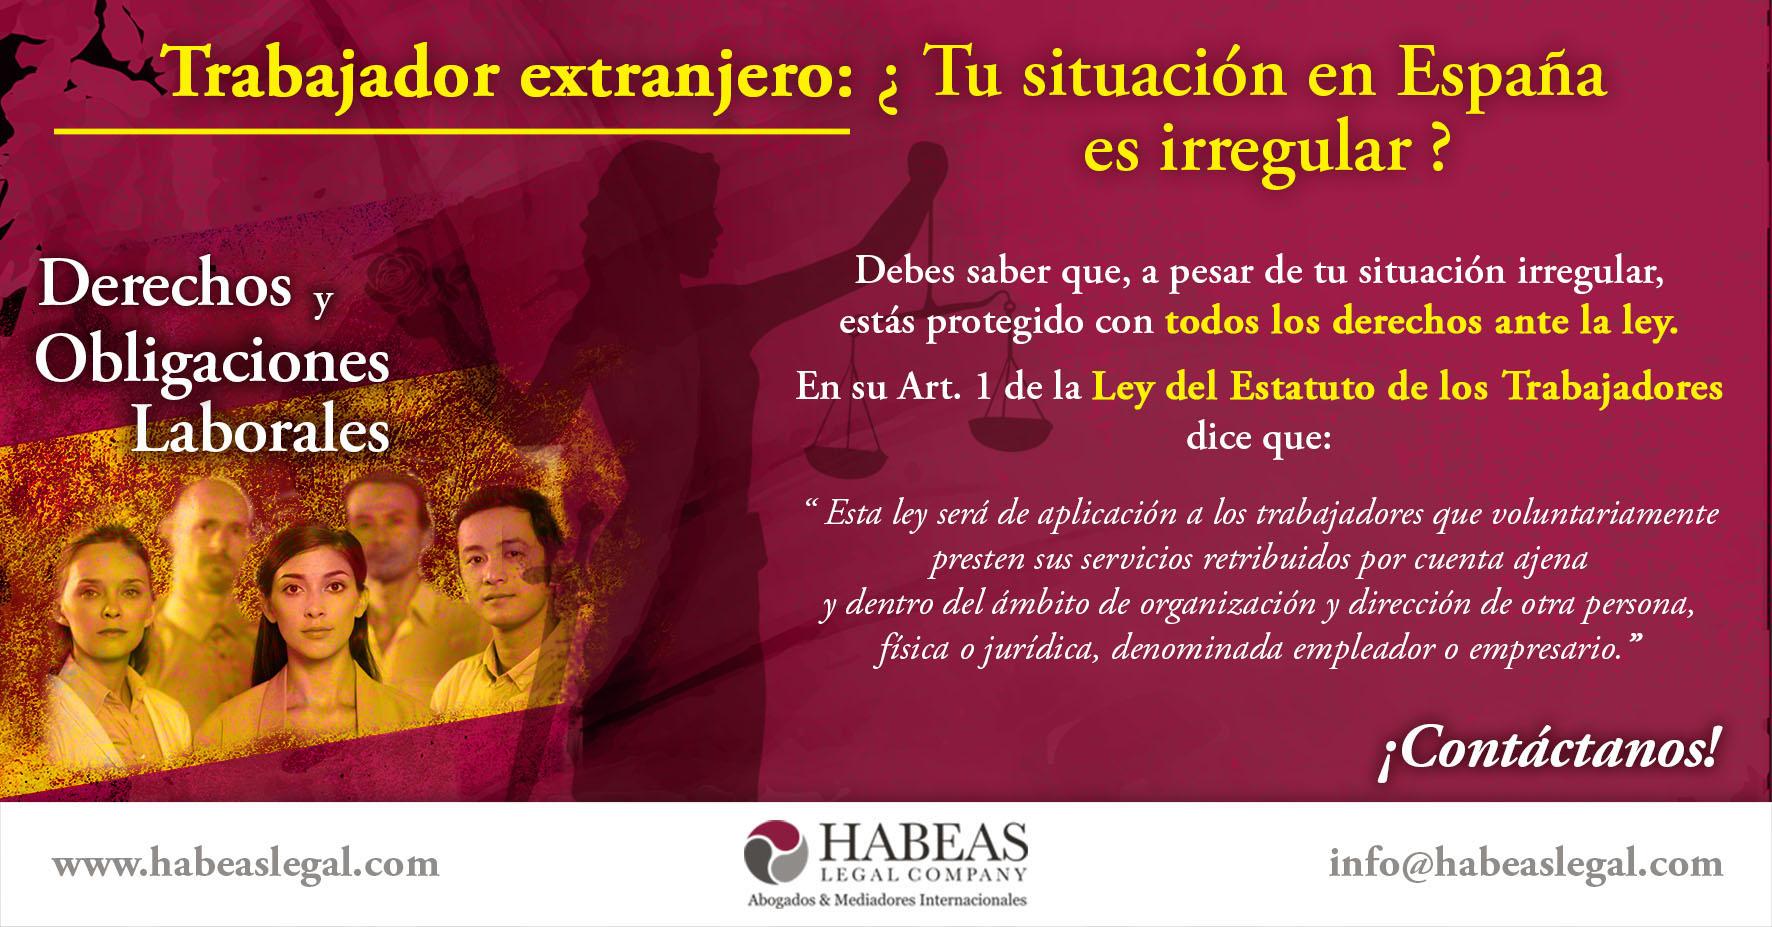 Irregularidad Art1BOE Habeas Legal - ¿Tu situación laboral es irregular como trabajador extranjero en España?